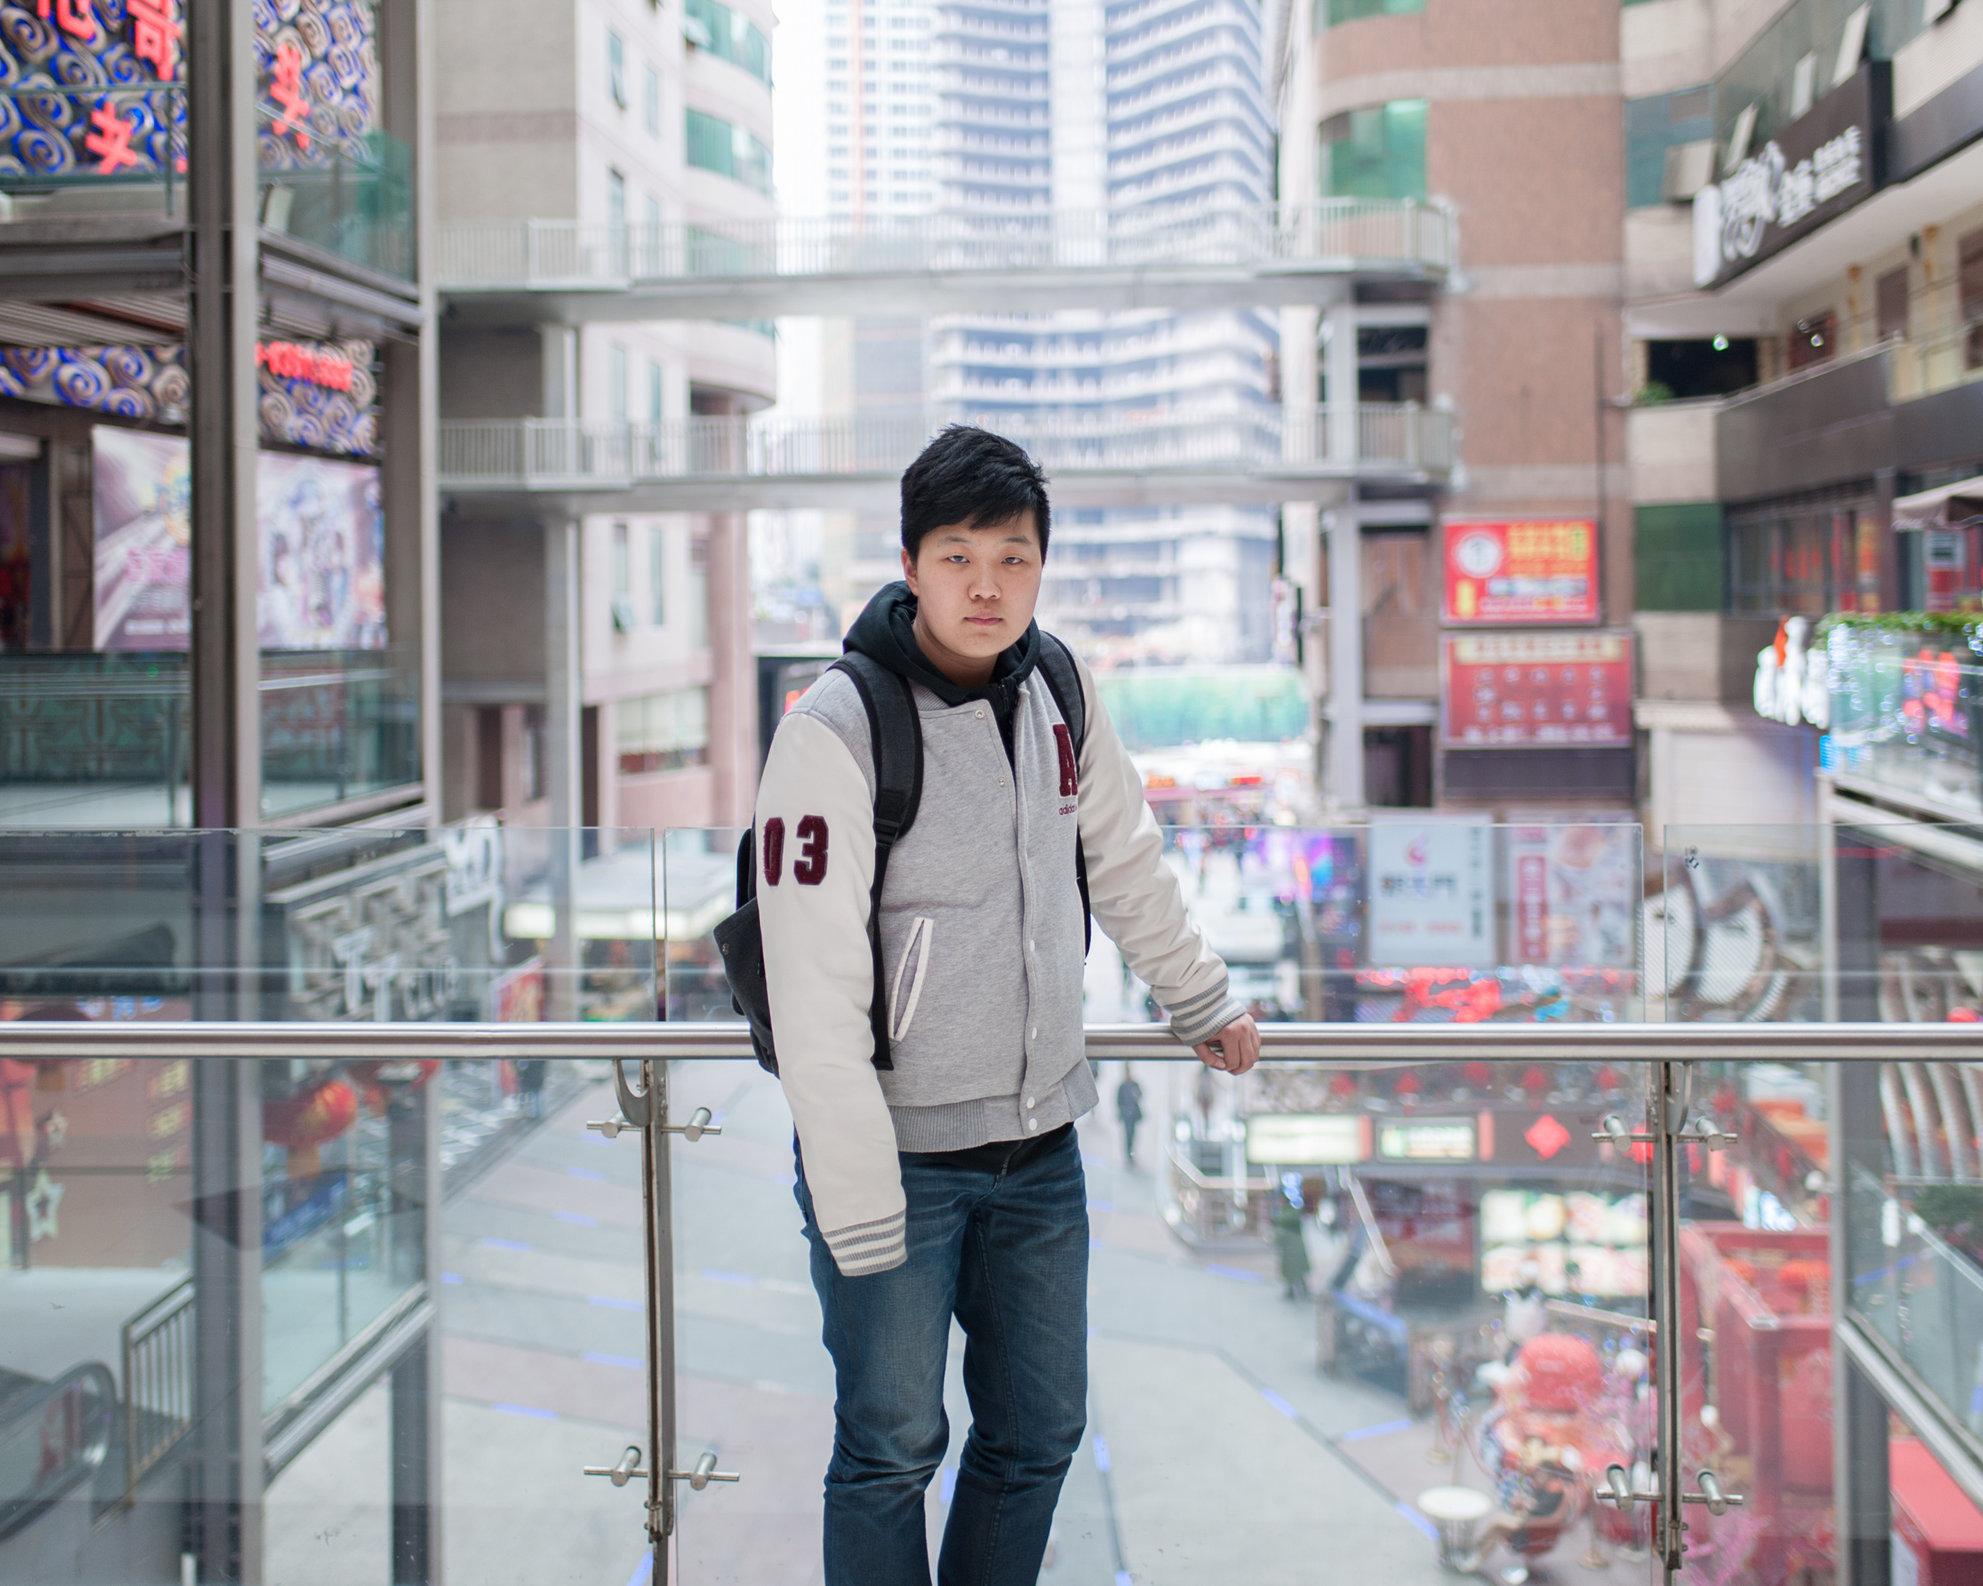 41_julien_hazemann_portraits CQ.jpg